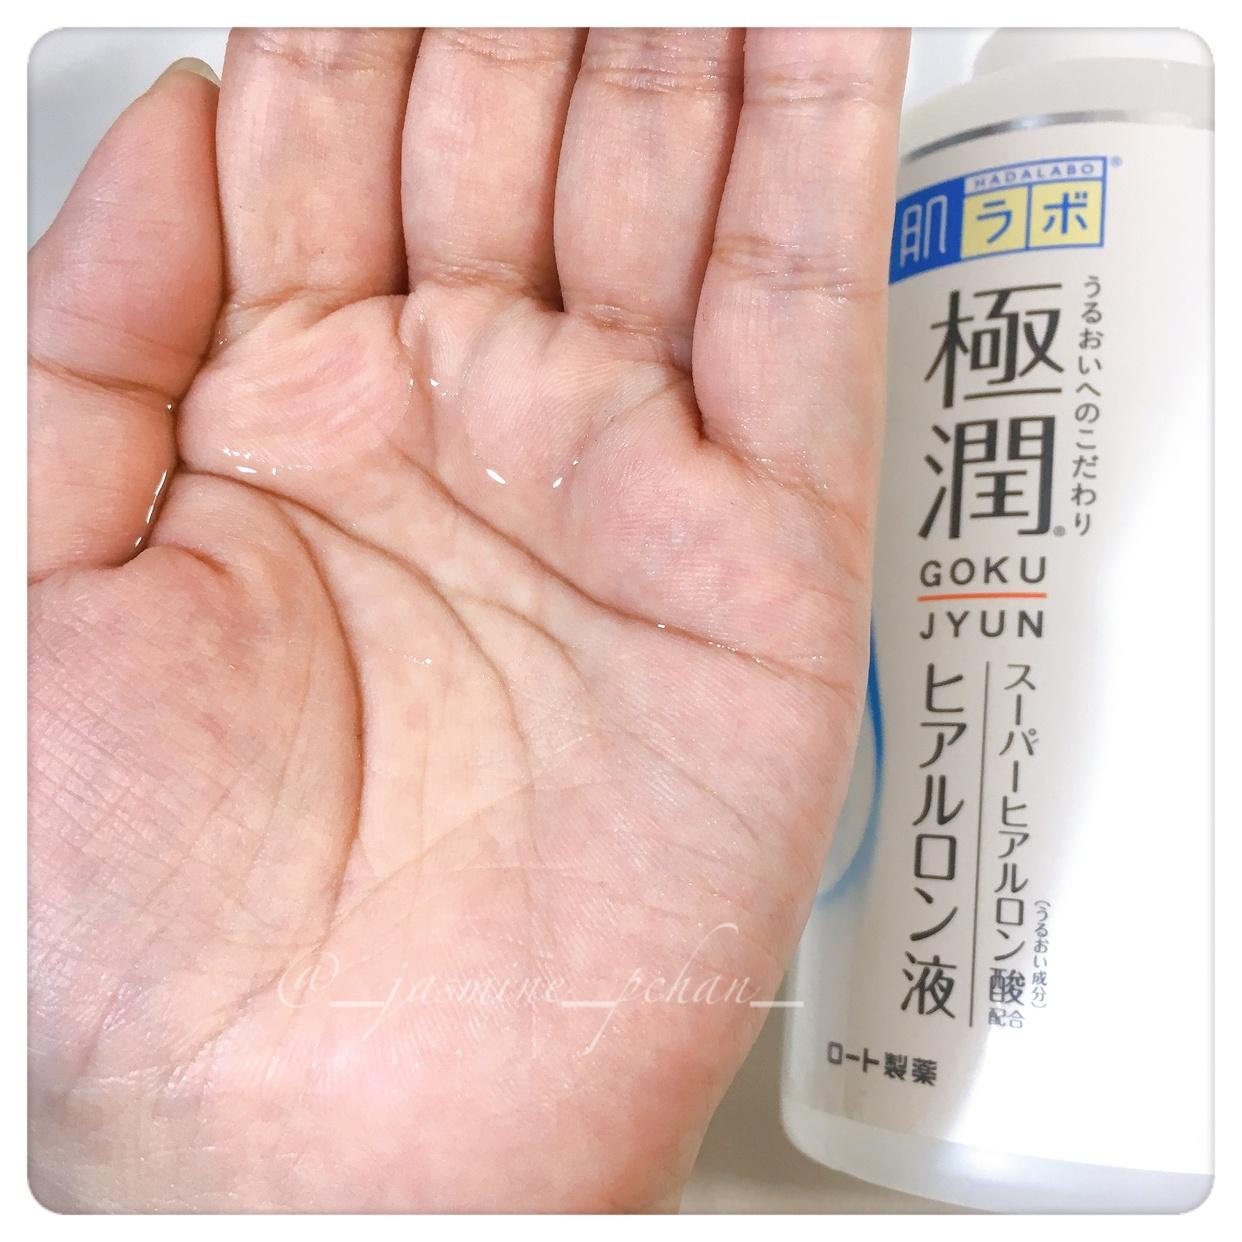 肌ラボ(HADALABO) 極潤 ヒアルロン液を使ったぴい0130さんのクチコミ画像2